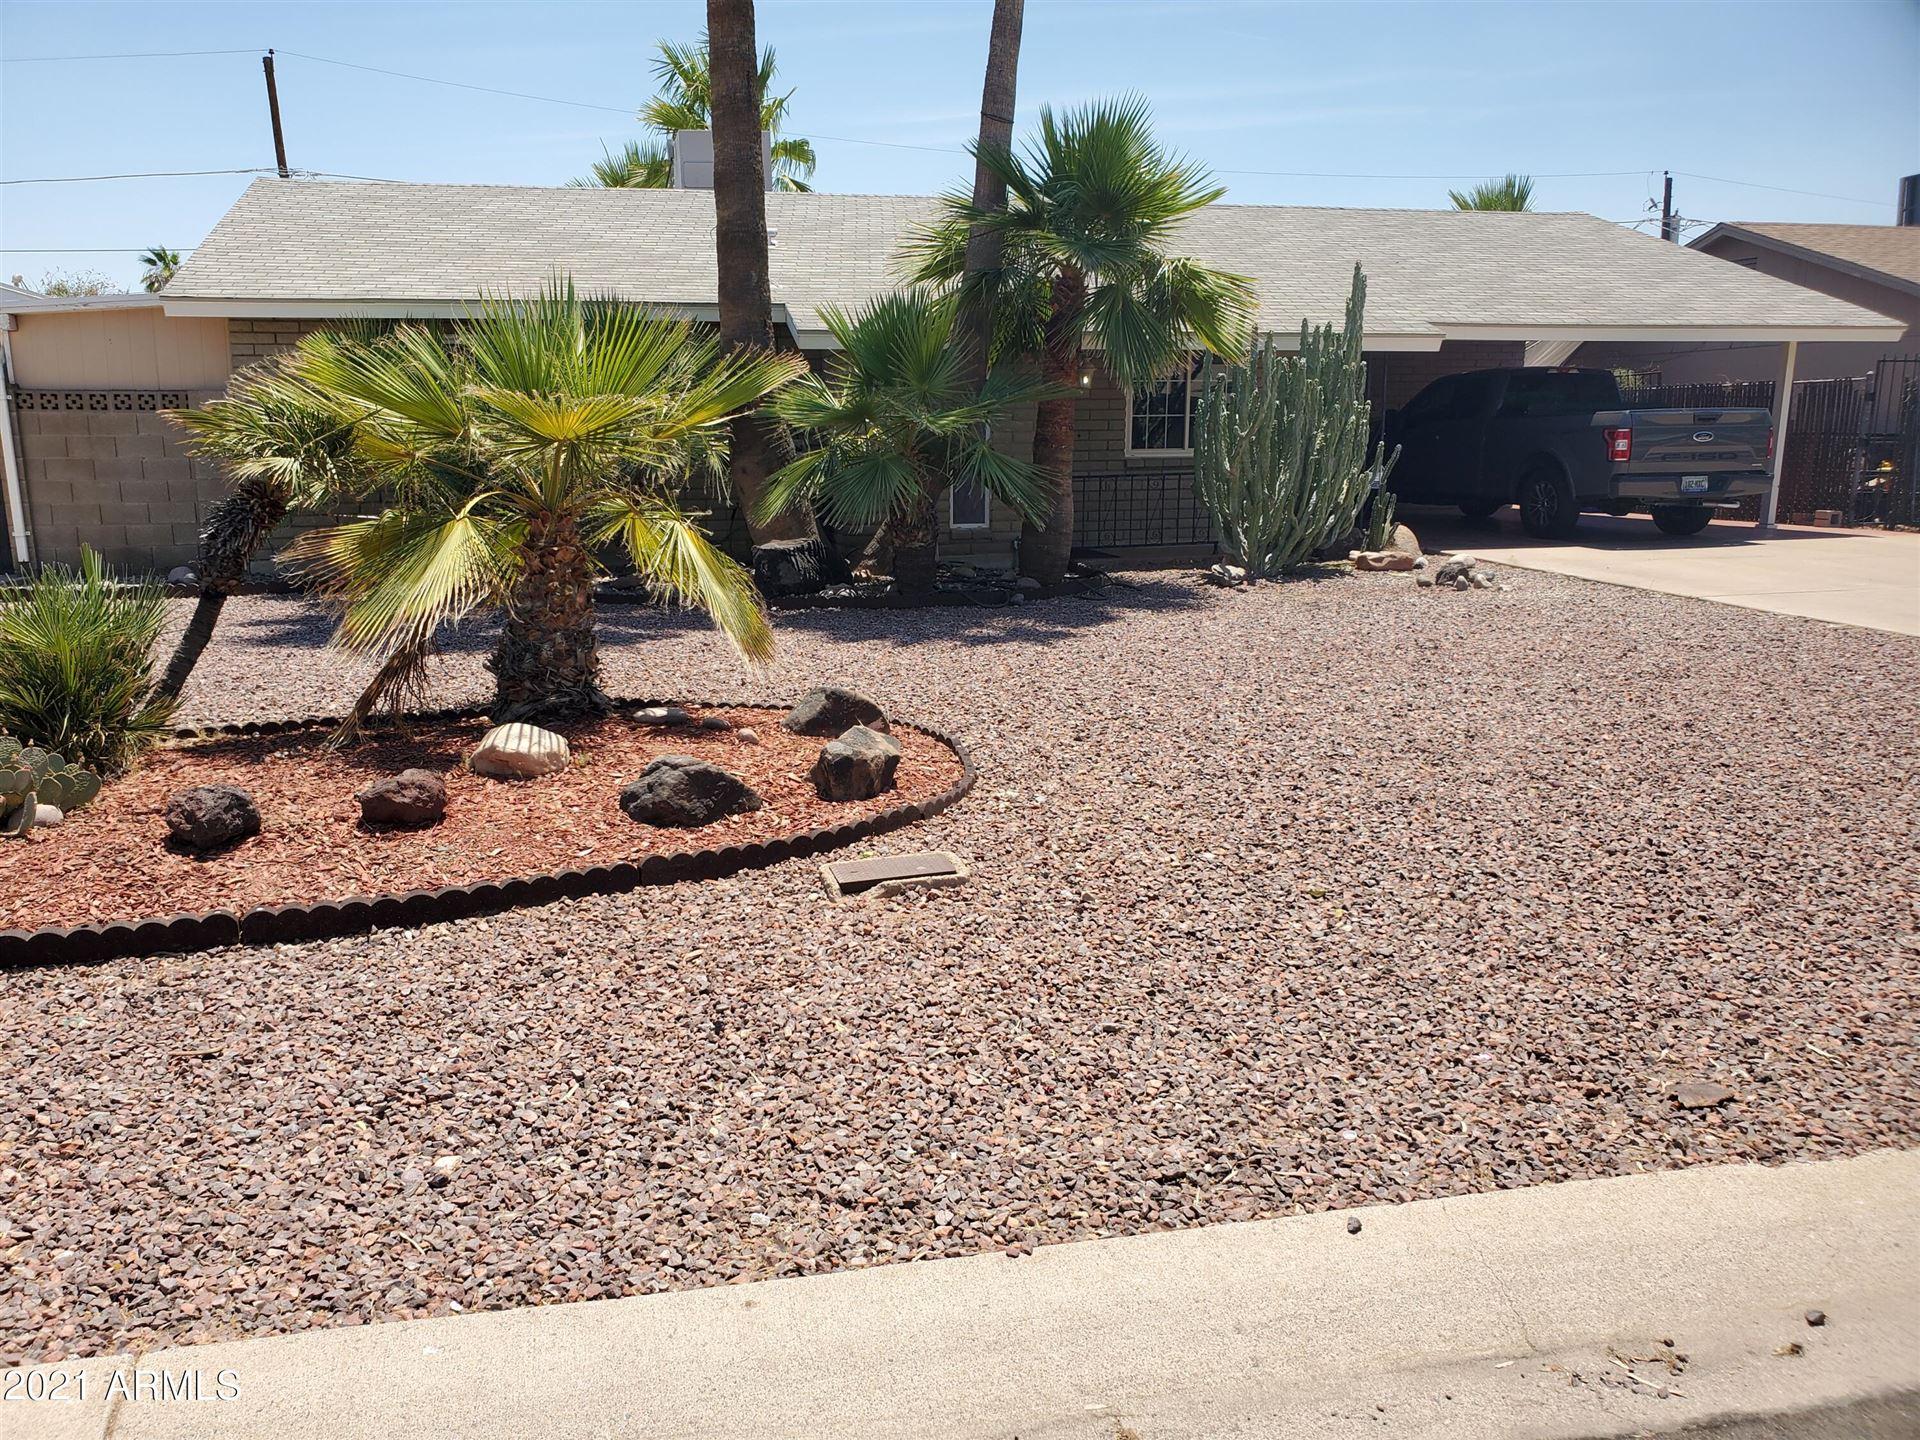 3219 E PALM Lane, Phoenix, AZ 85008 - MLS#: 6250233